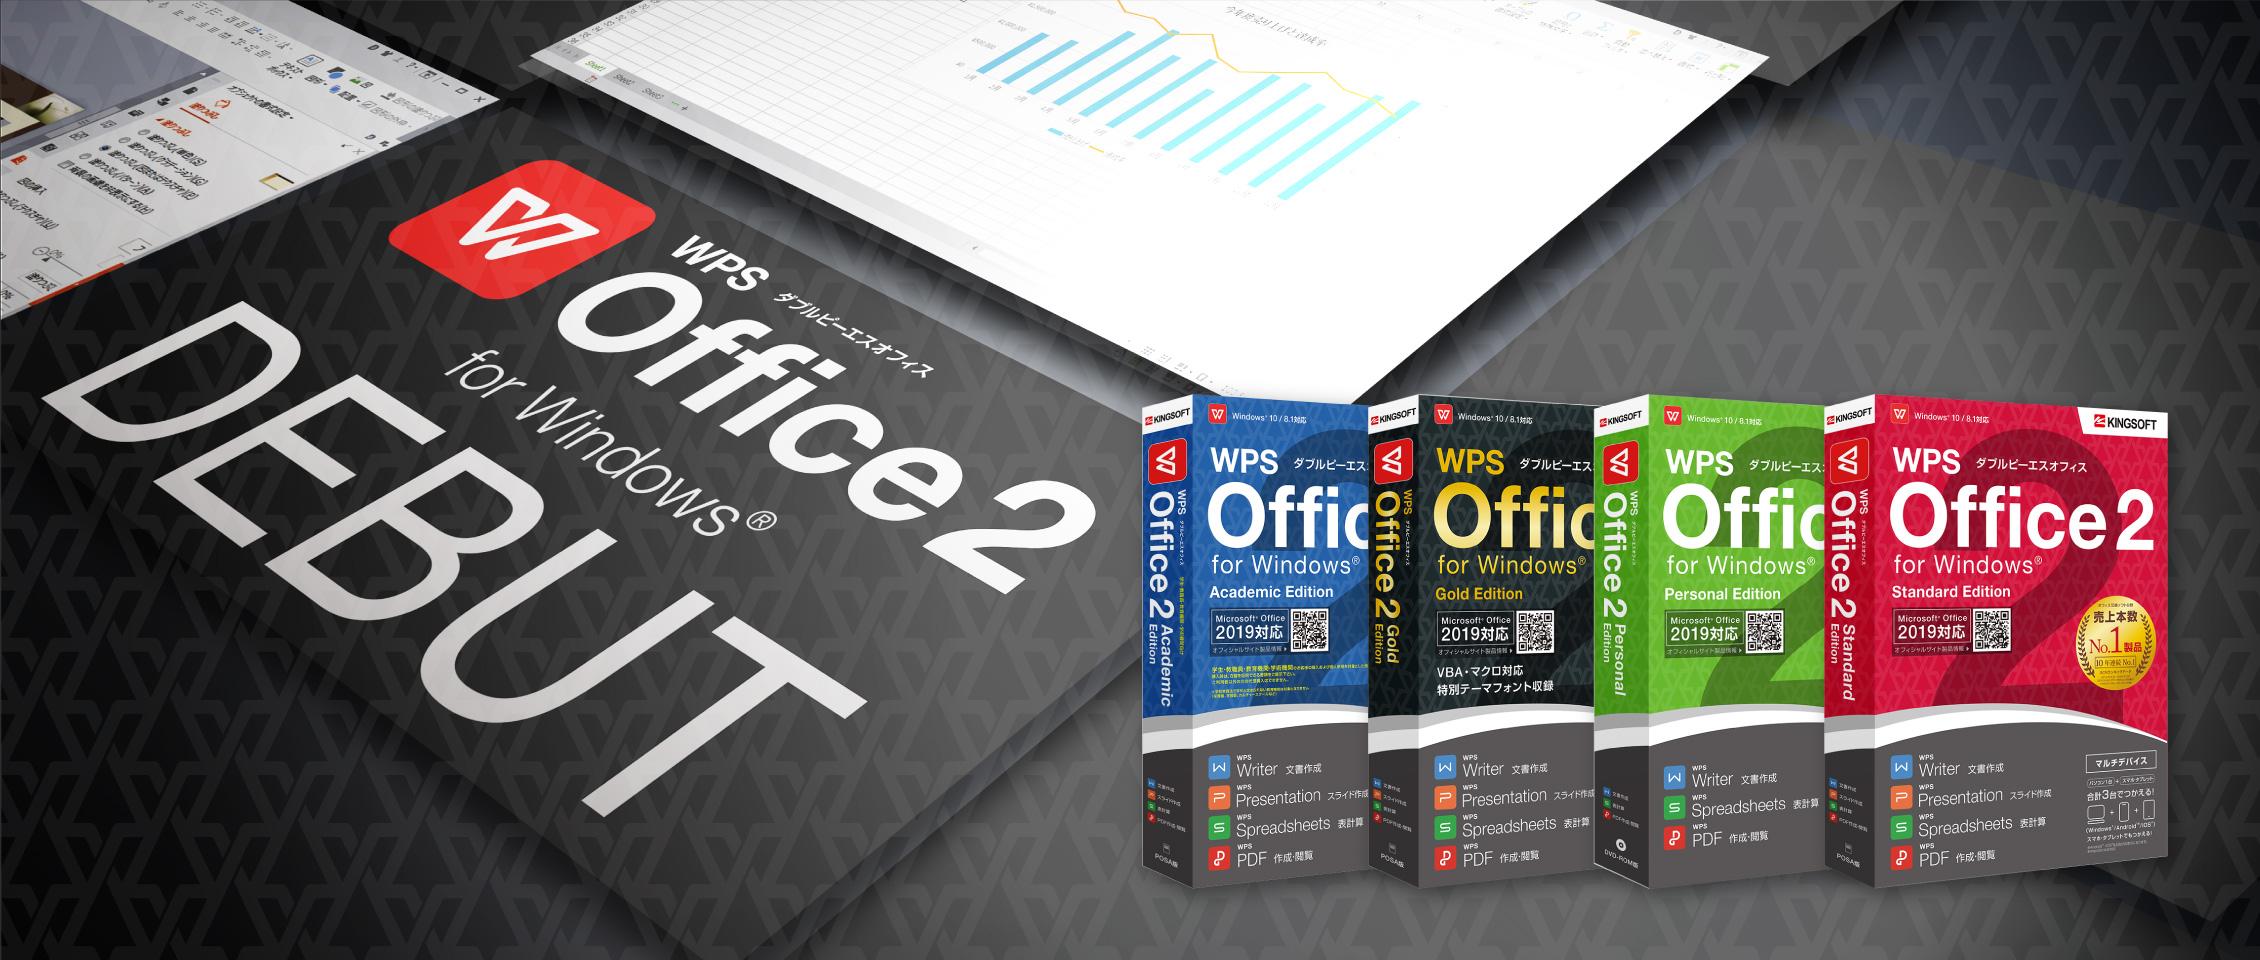 キングソフト、9月4日より総合オフィスソフト「WPS Office」の メジャーアップデート版「WPS Office 2